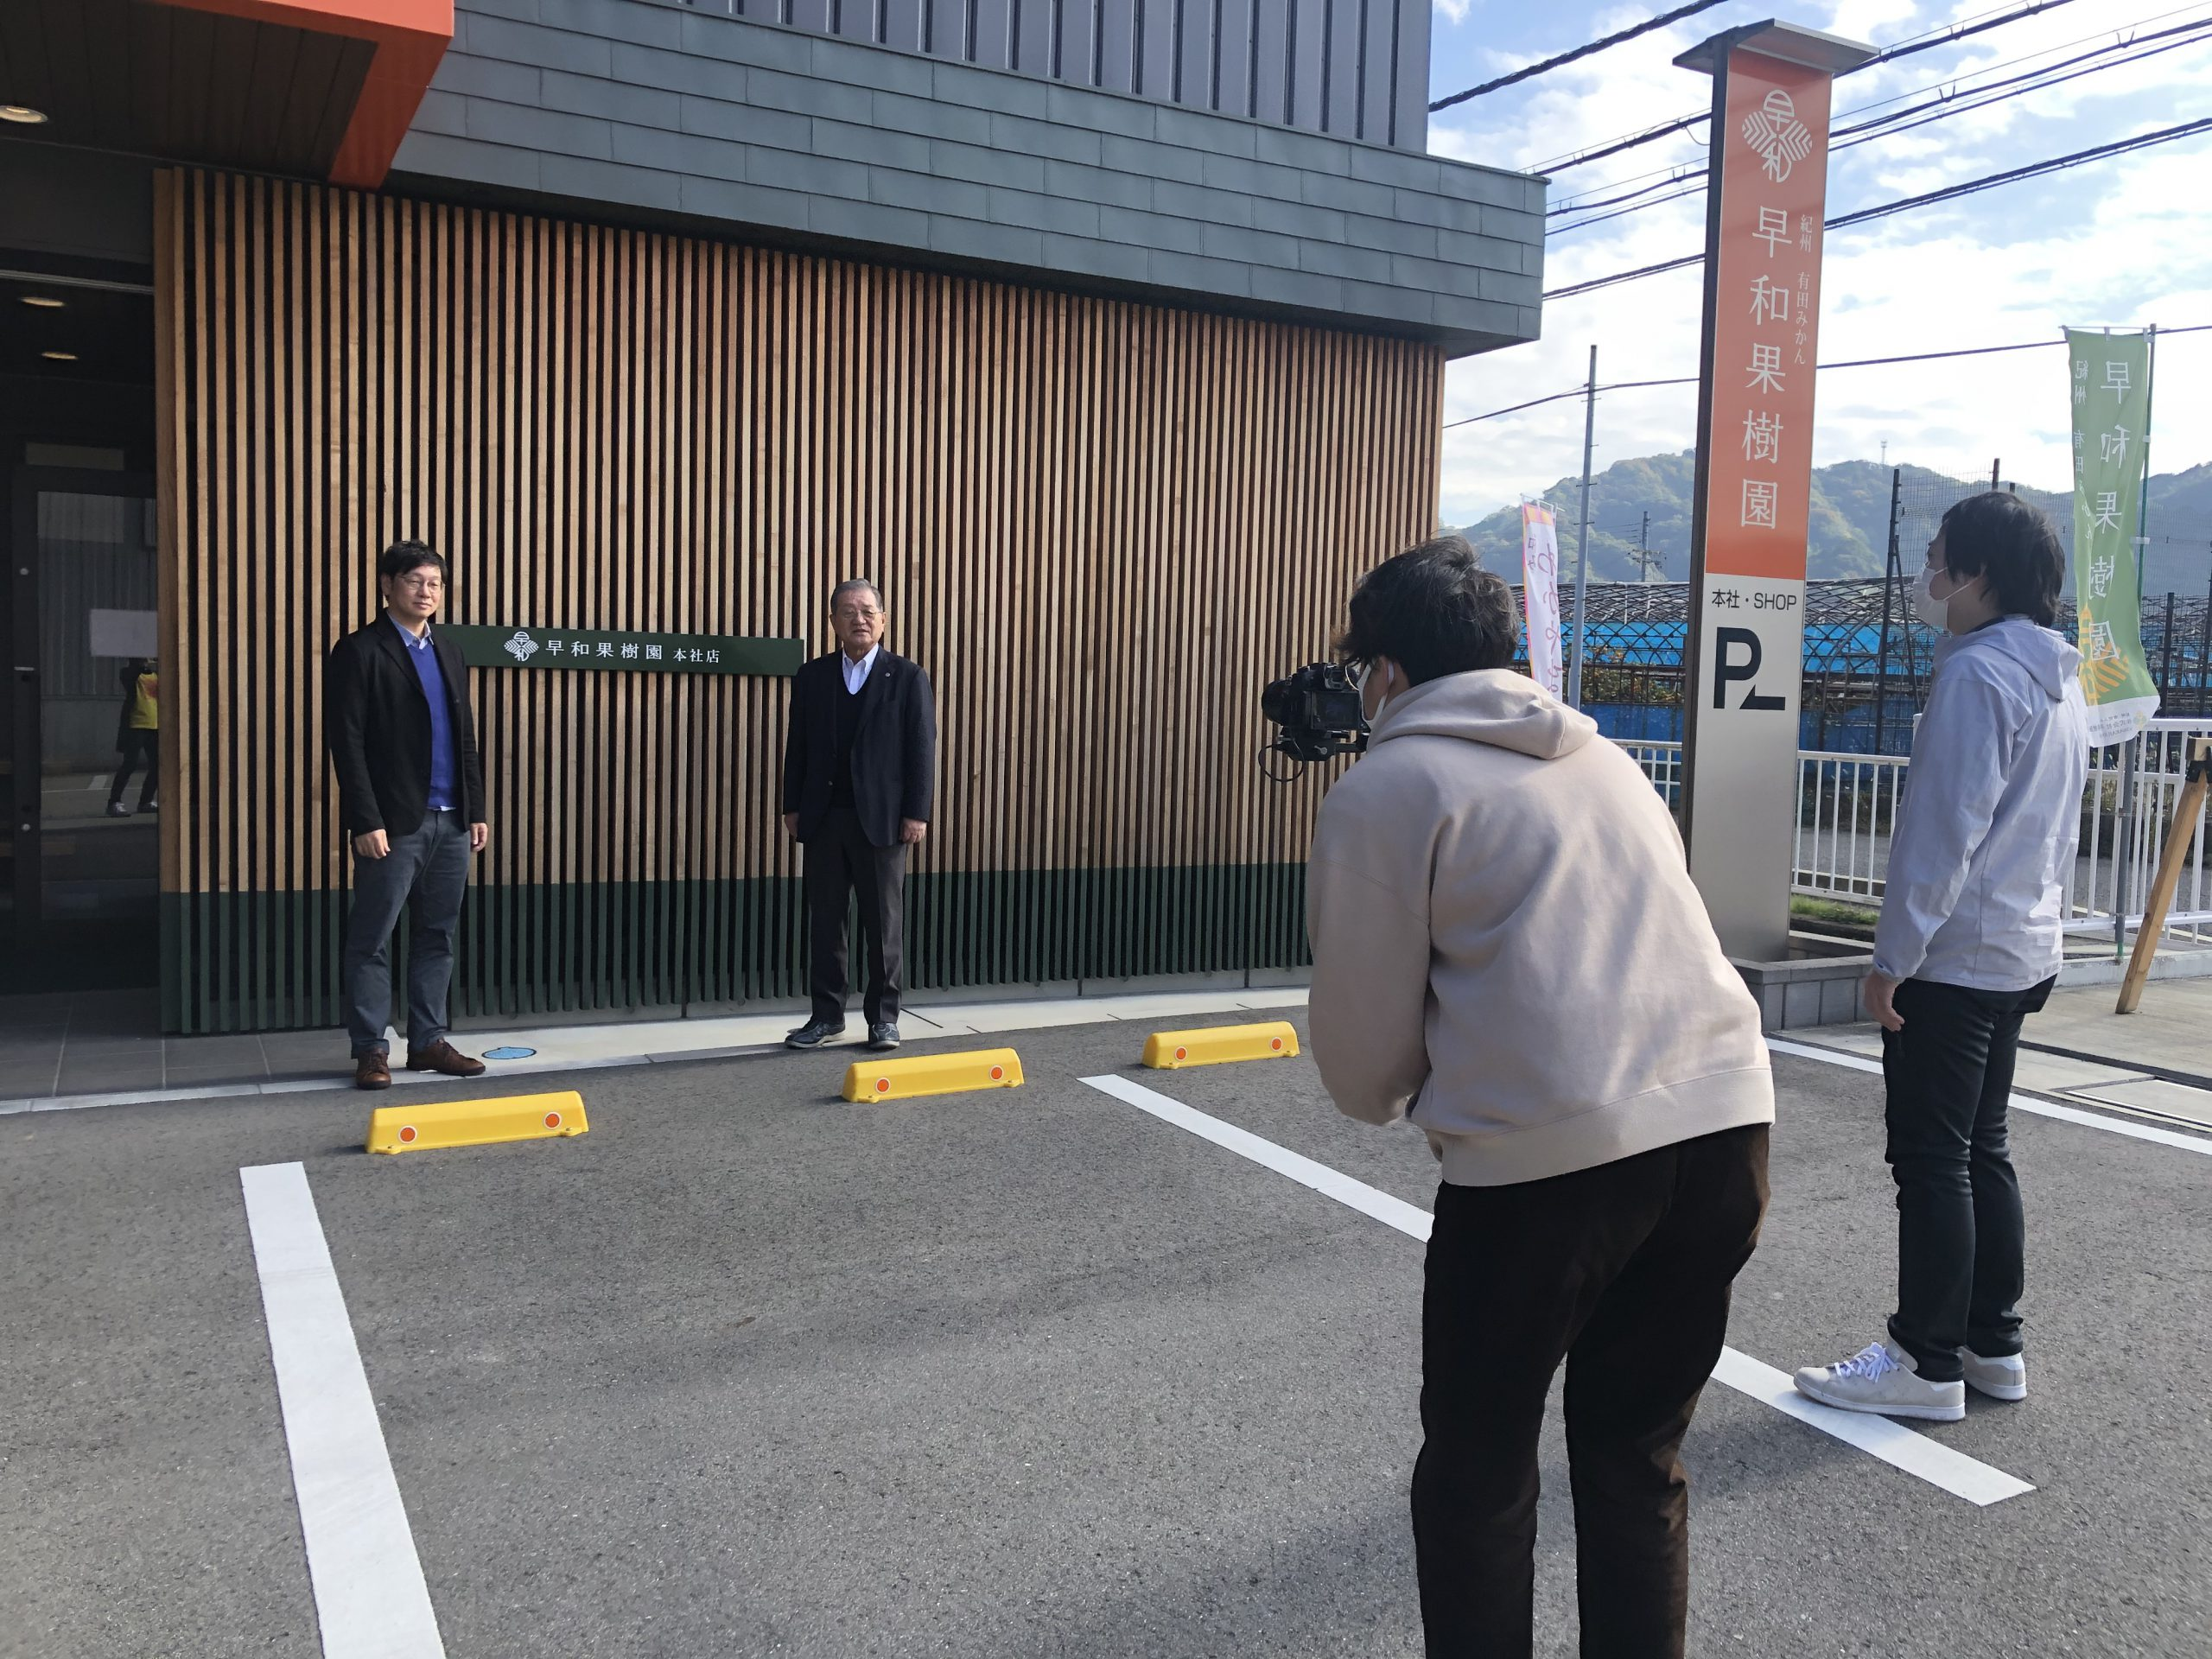 にほんもの公式YouTubeチャンネル「中田英寿×極上みかんの早和果樹園」のワンシーン撮影風景。